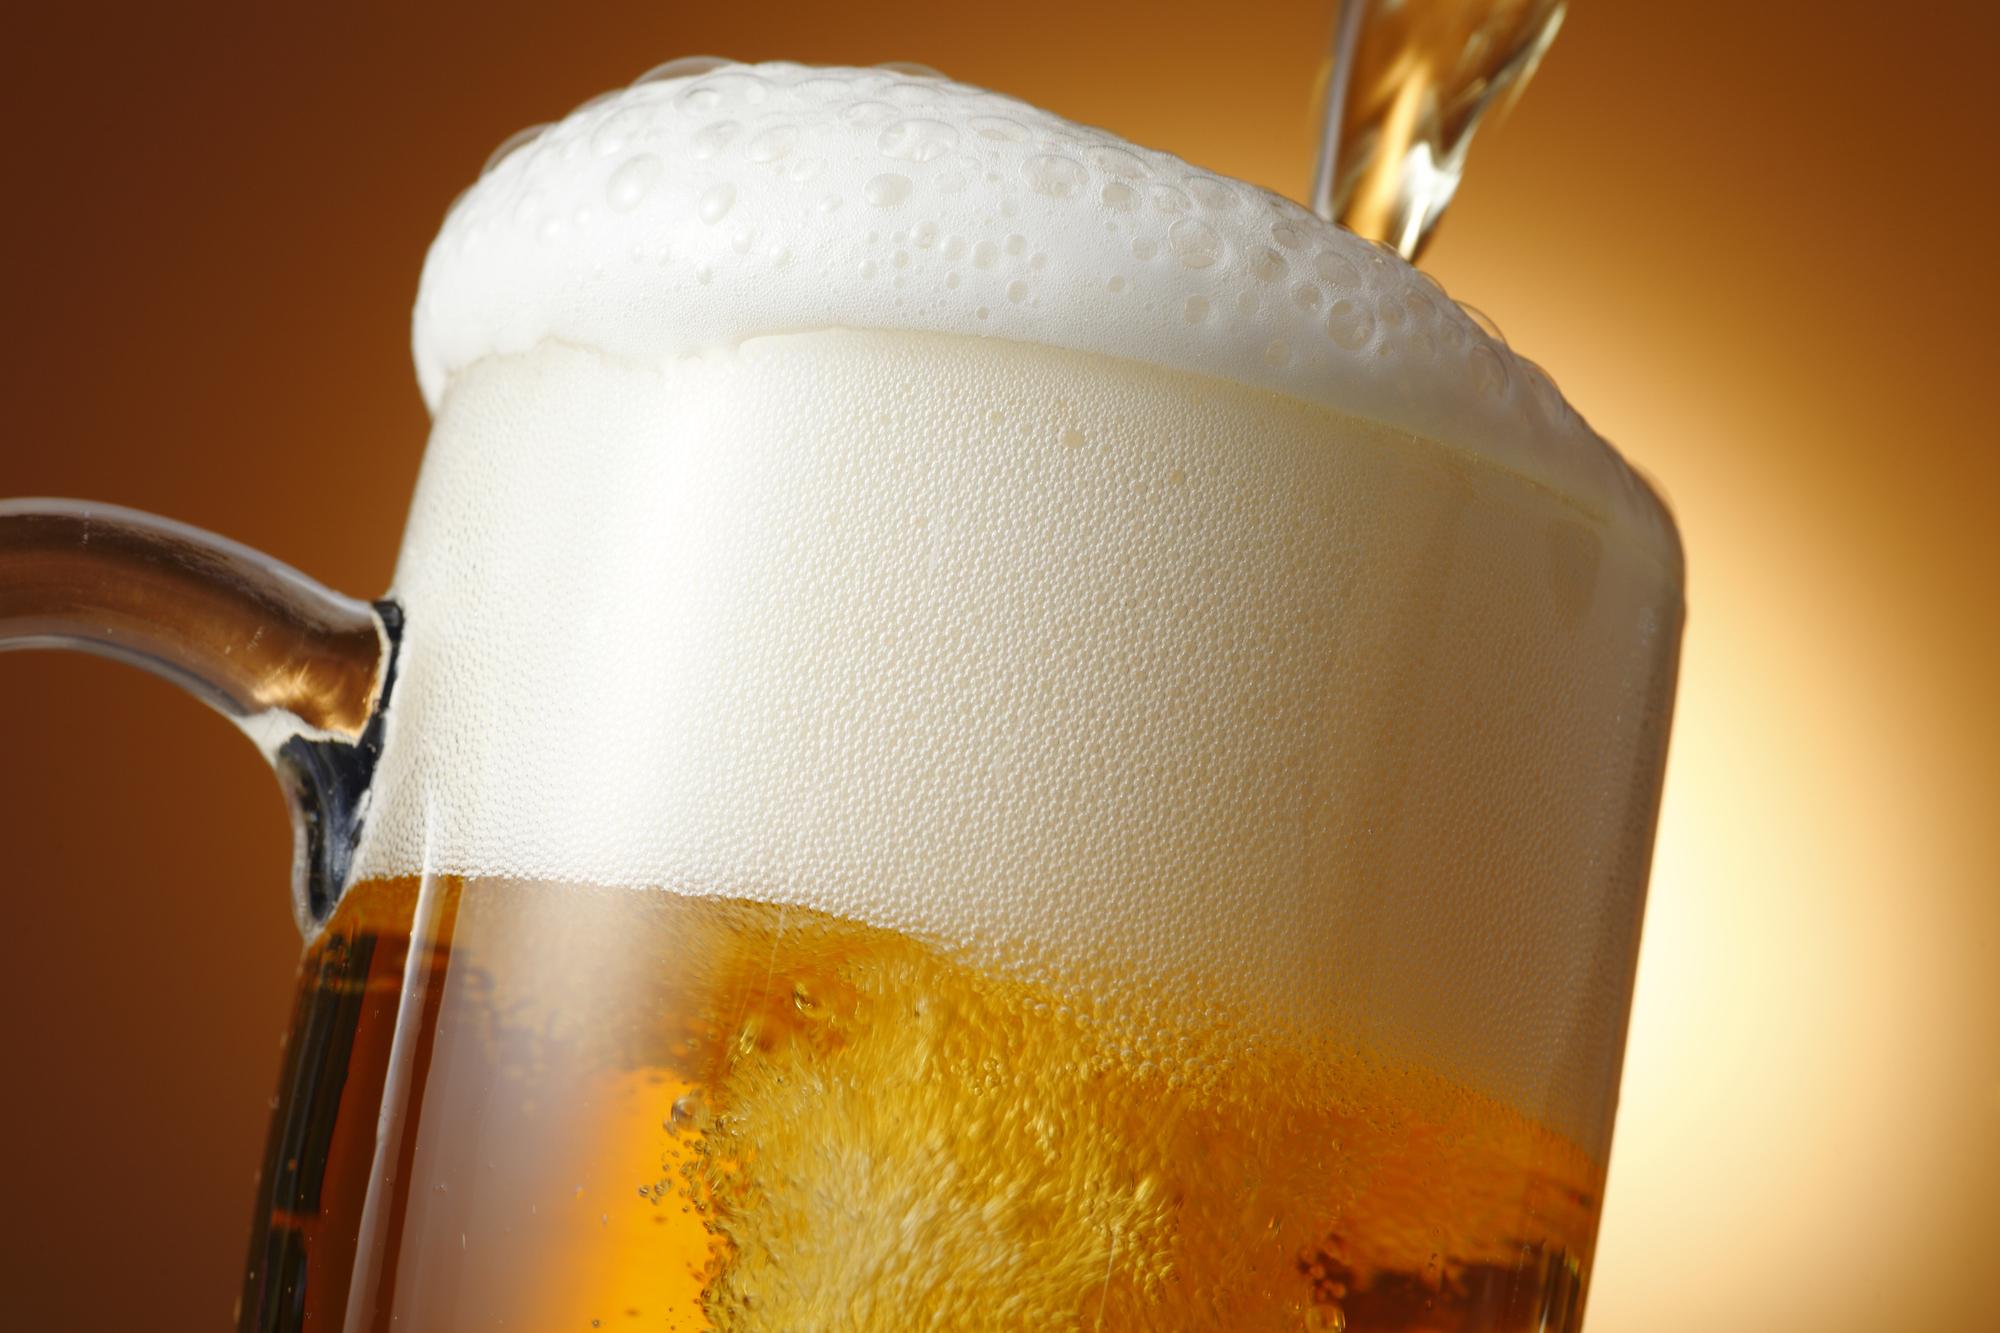 もう我慢しなくていい!?ビールでダイエットが出来るってホント?のサムネイル画像